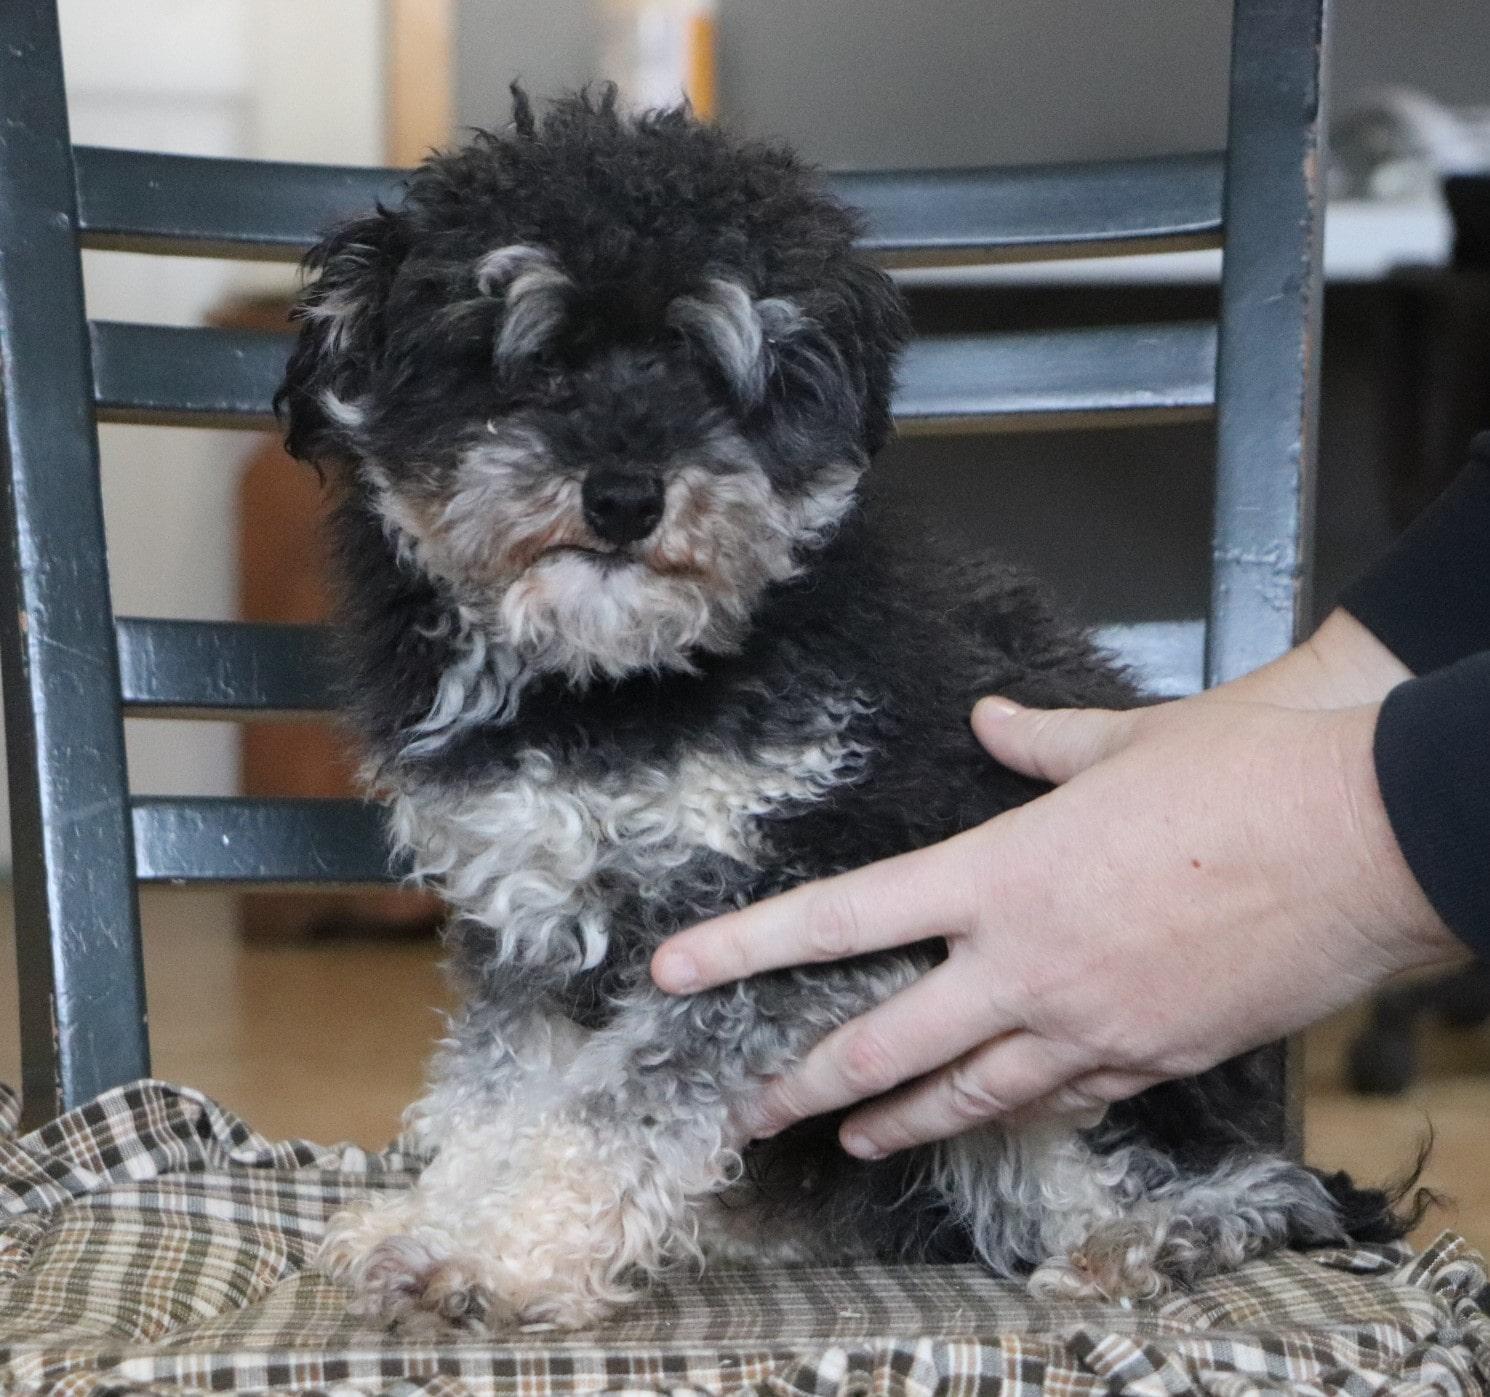 Freddie, the Mini Poodle dad